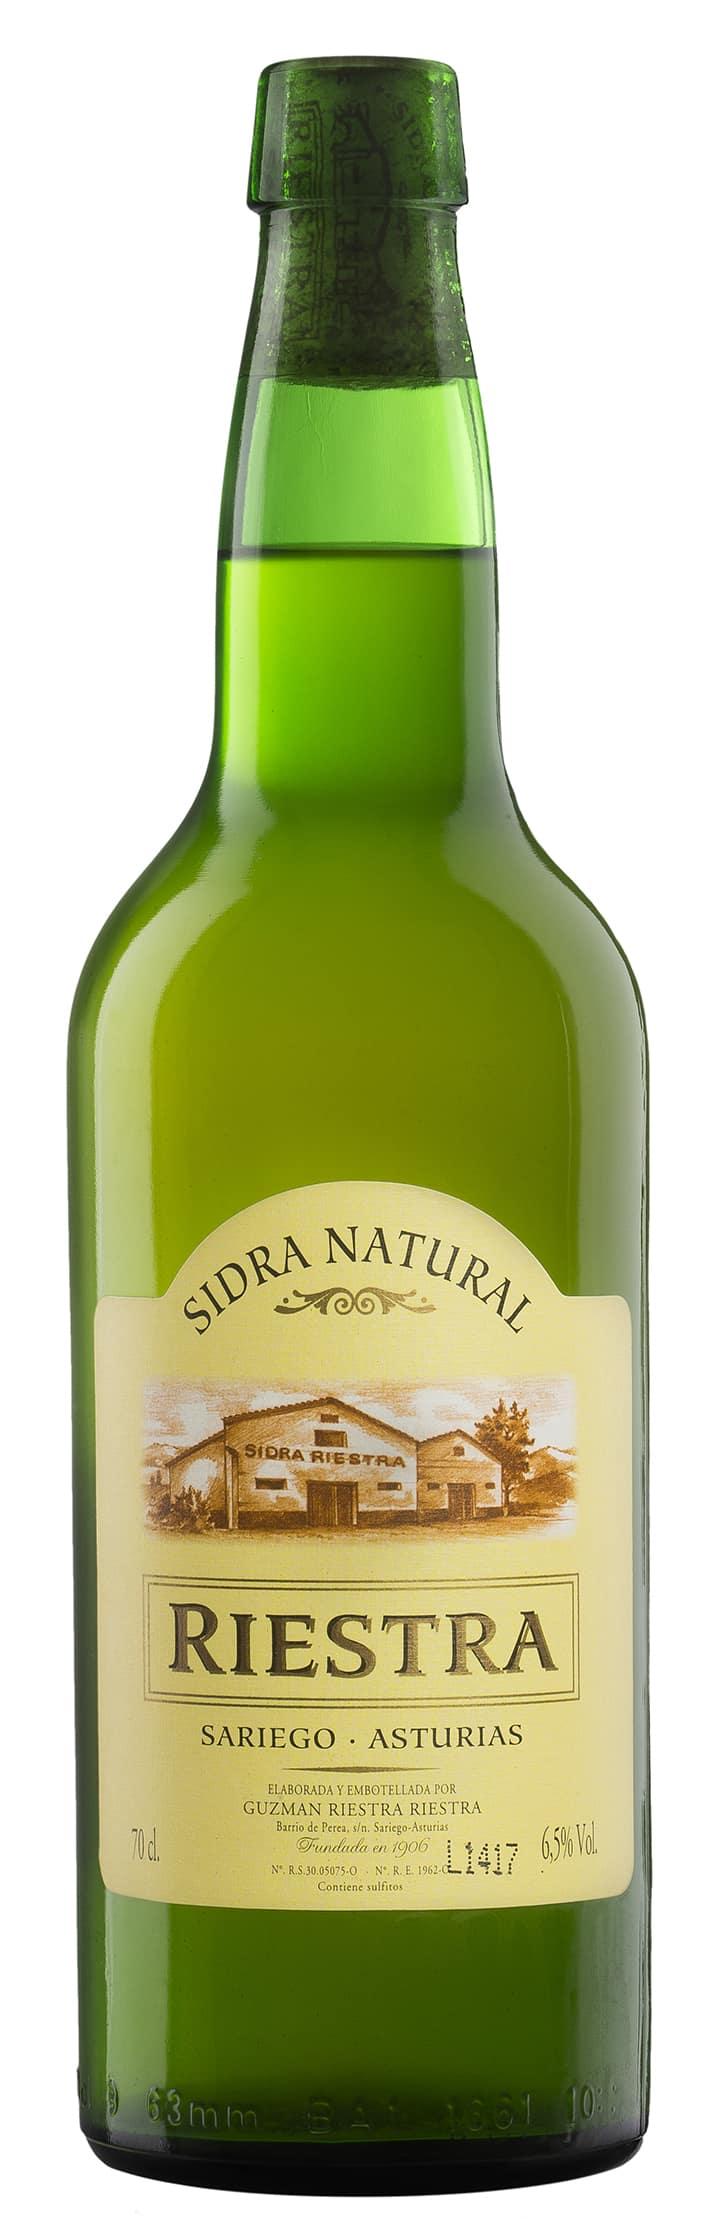 Riestra 'Sidra Natural'